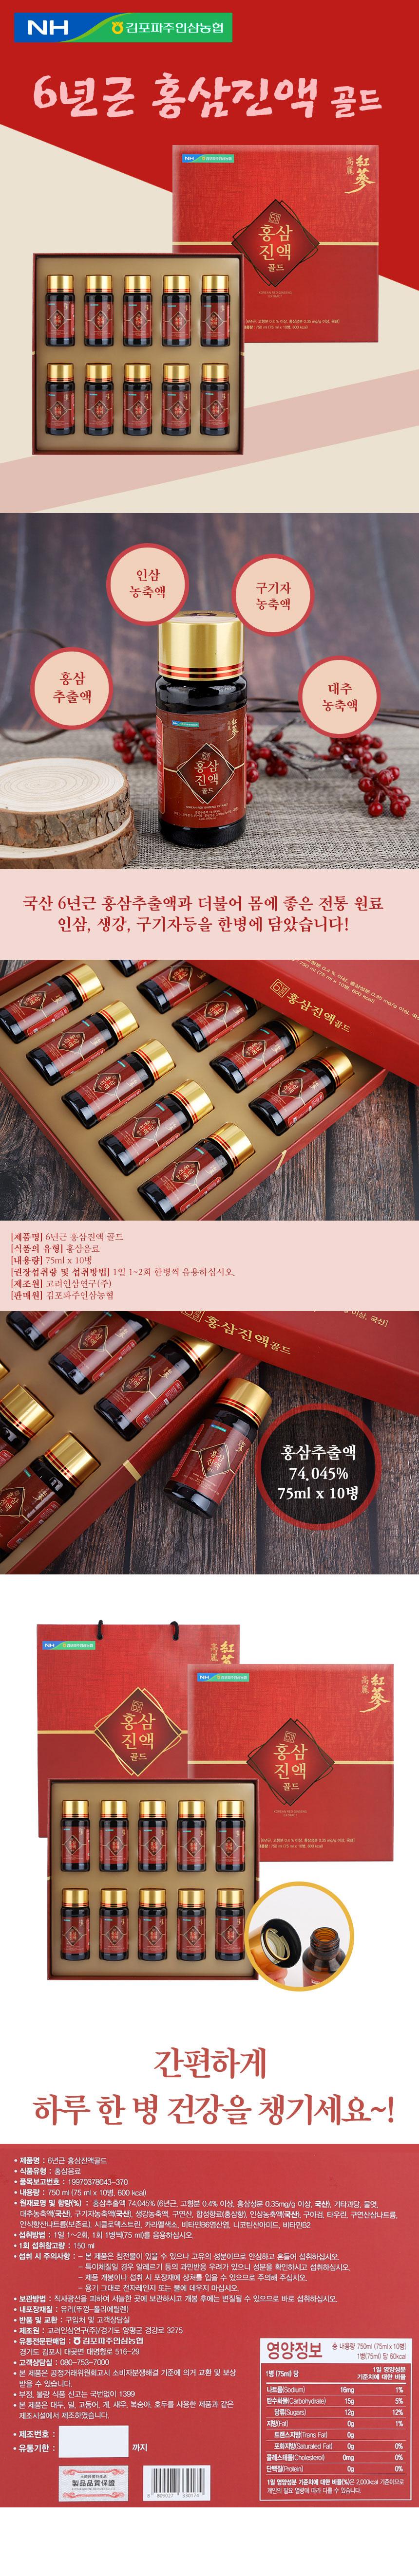 RedGinsengjin-Gold_detail.jpg